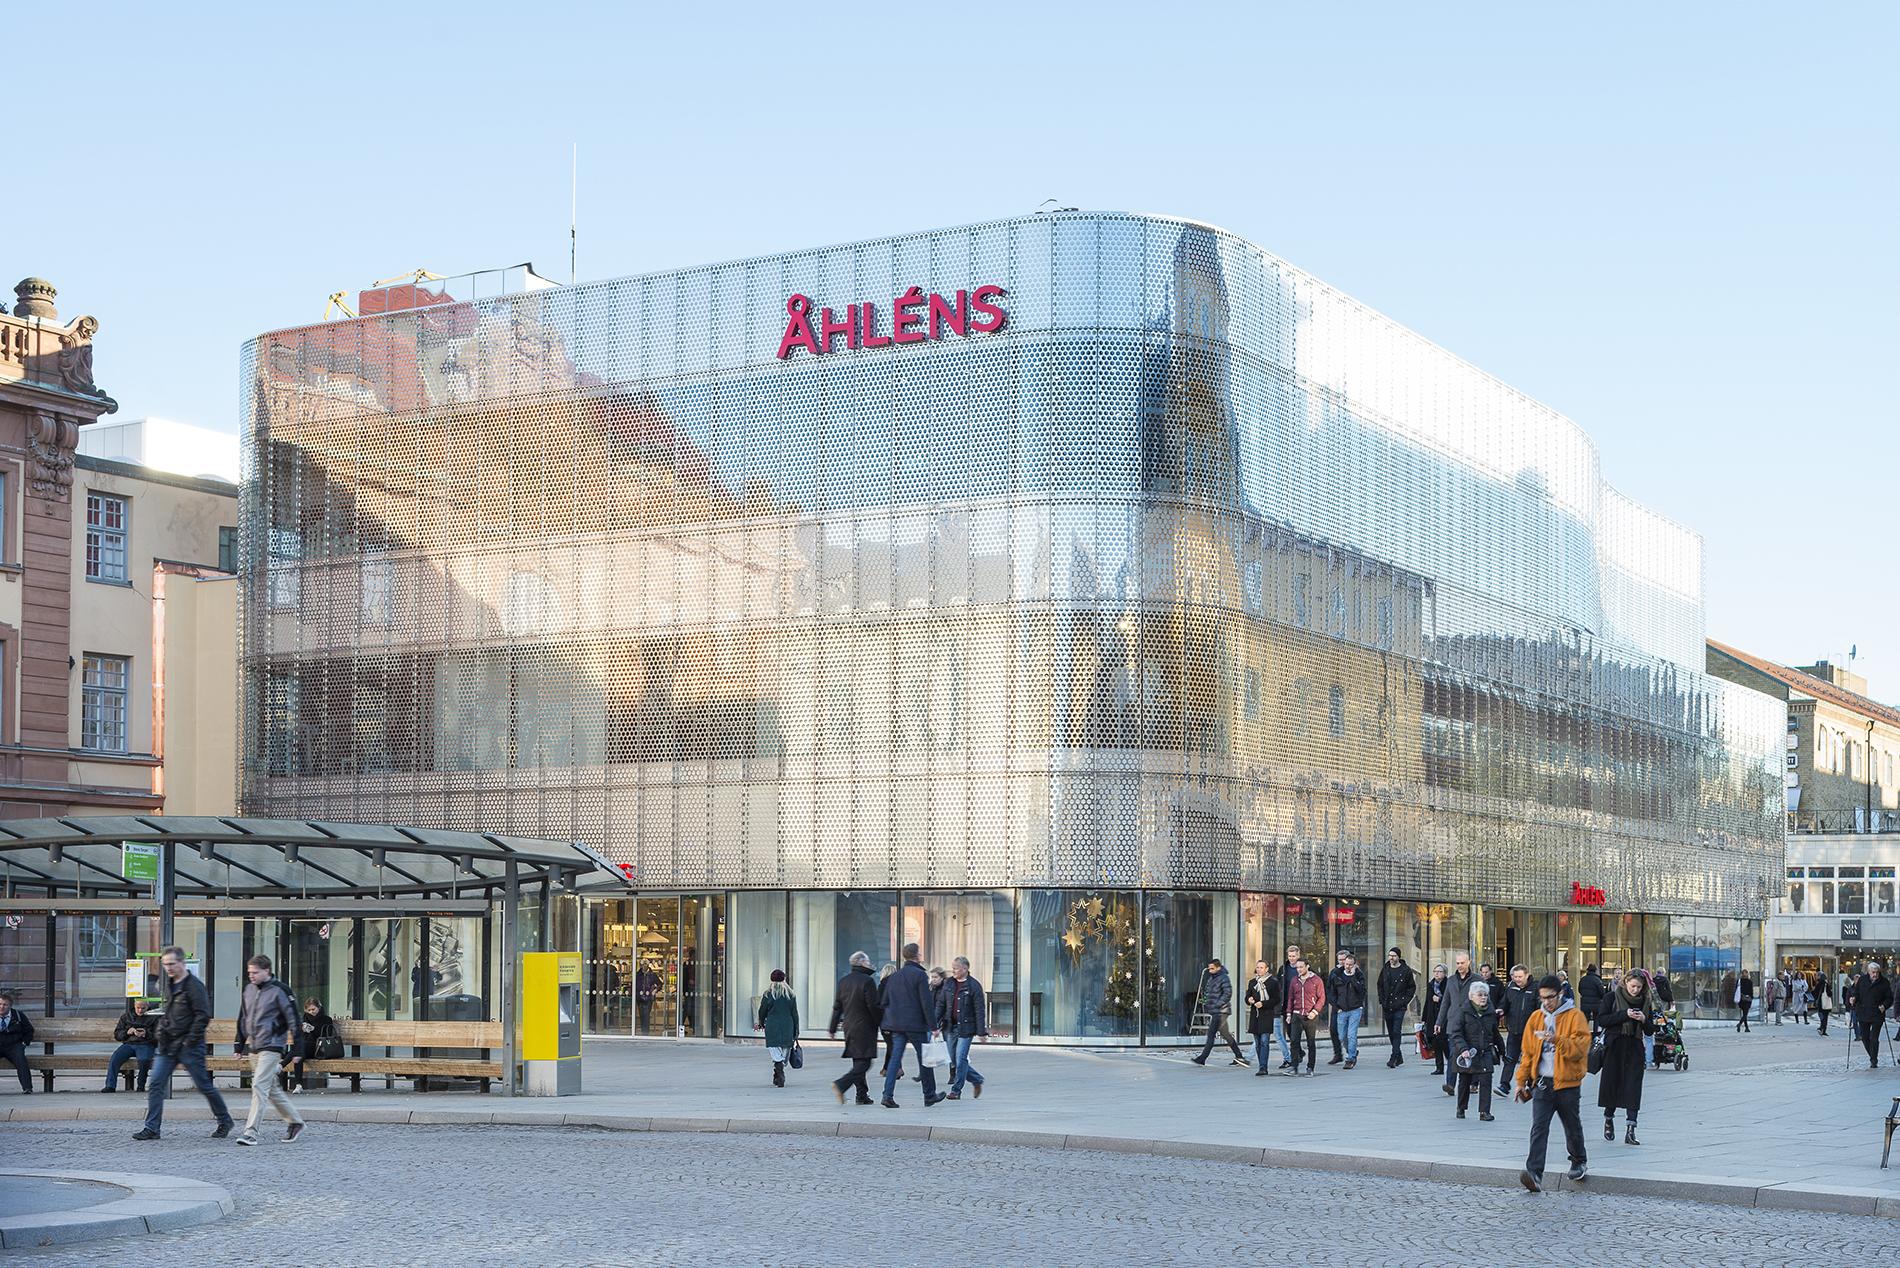 Åhléns i Uppsala efter ombyggnad. Arkitekt: Tham & Videgård. Foto: Linus Flodin